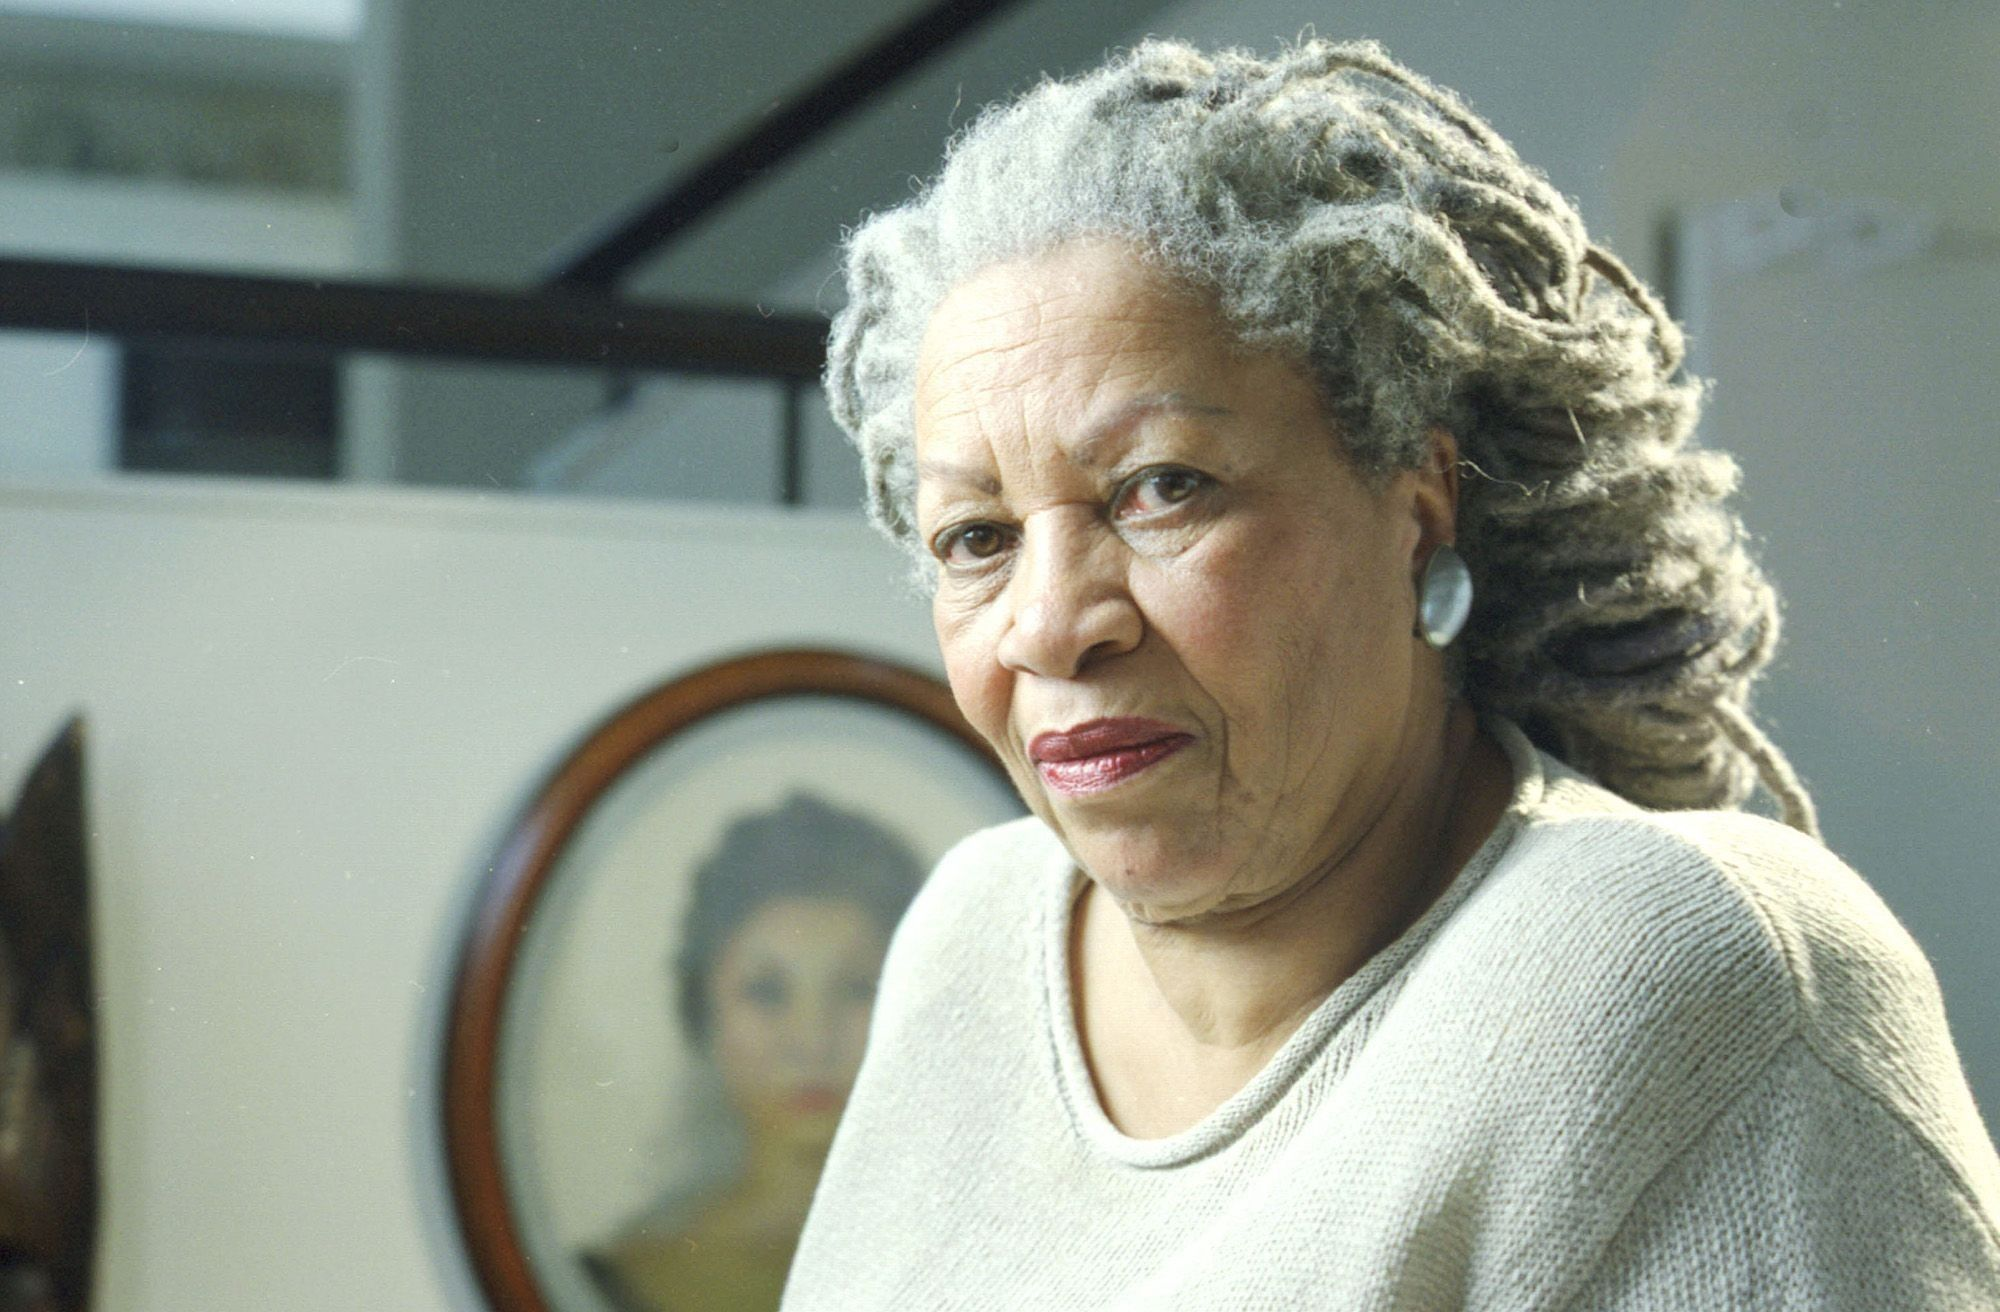 Muere Toni Morrison, primera Nobel de Literatura afroamericana